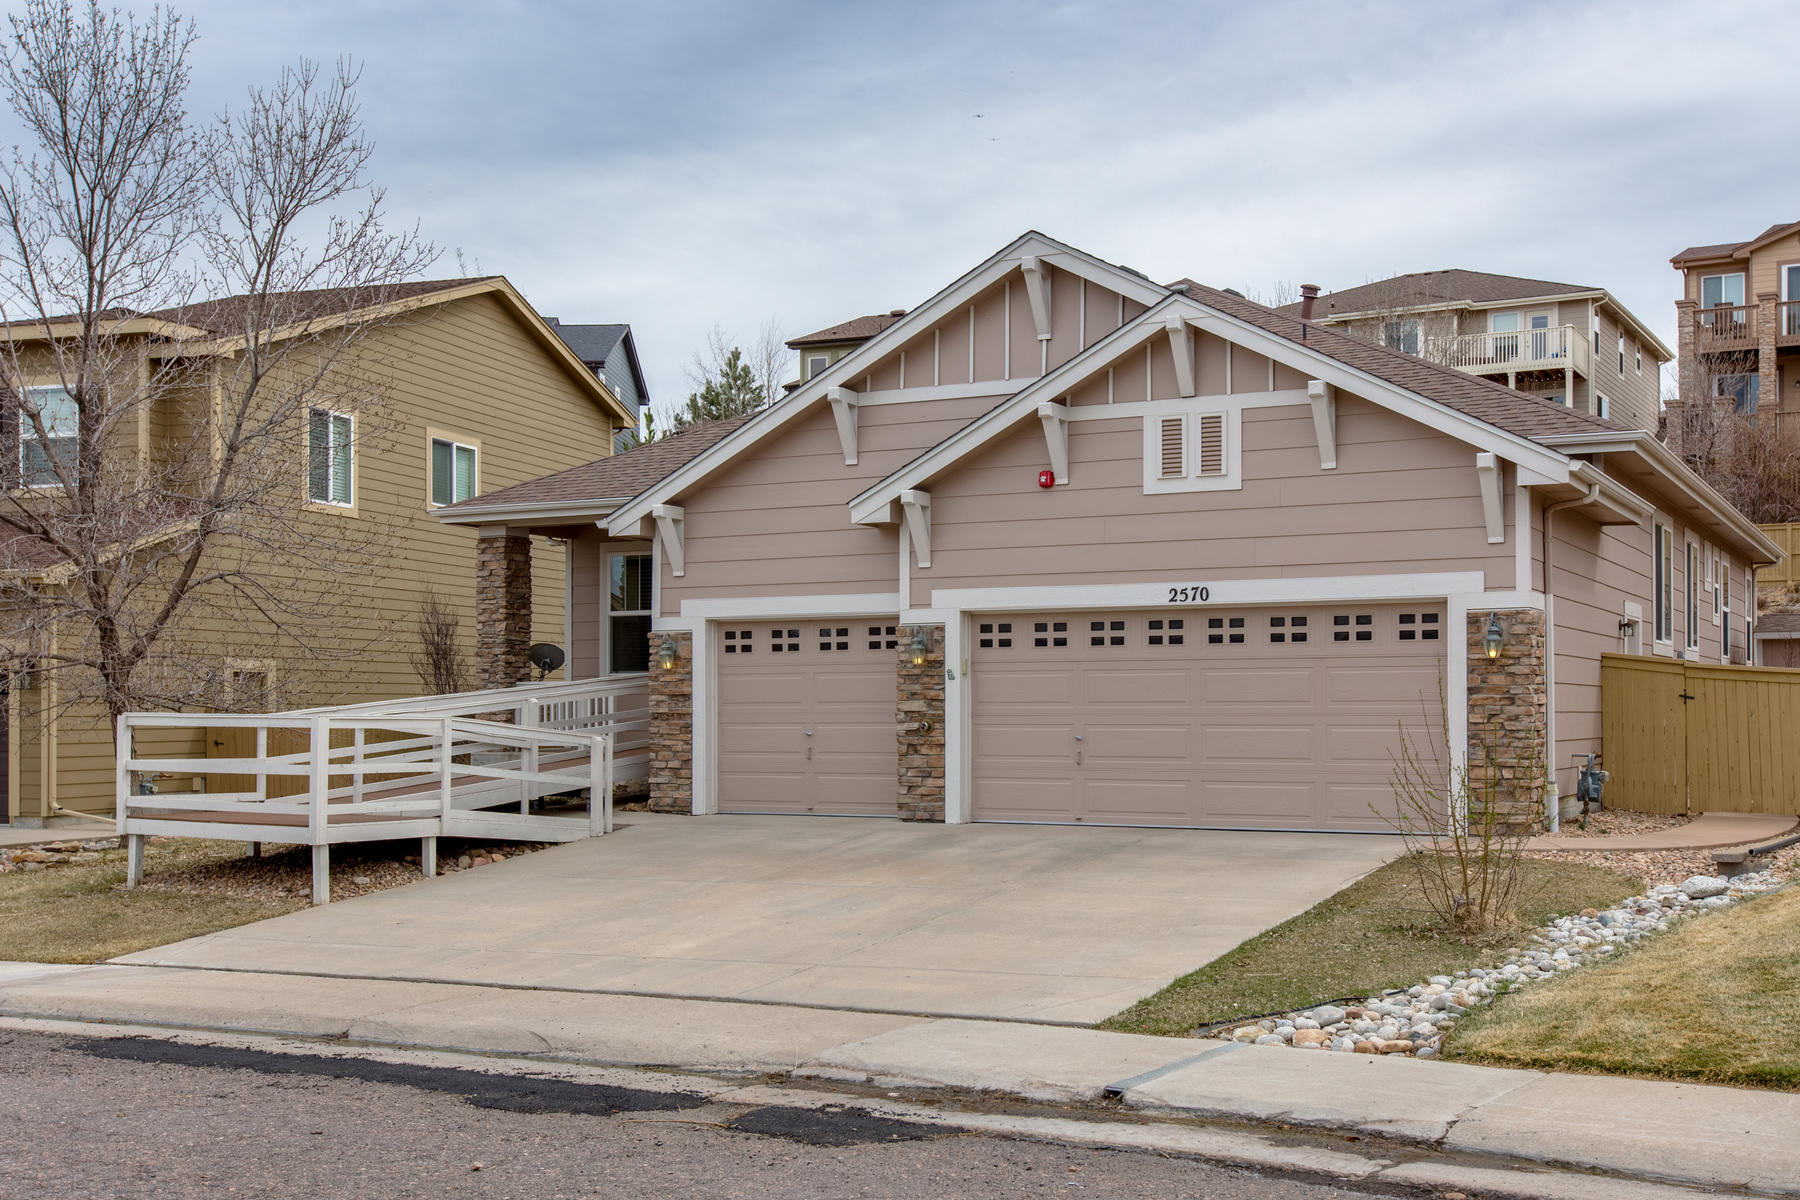 Einfamilienhaus für Verkauf beim Rare ranch style home located in quiet cul-de-sac 2570 Pemberly Ave, Highlands Ranch, Colorado, 80126 Vereinigte Staaten